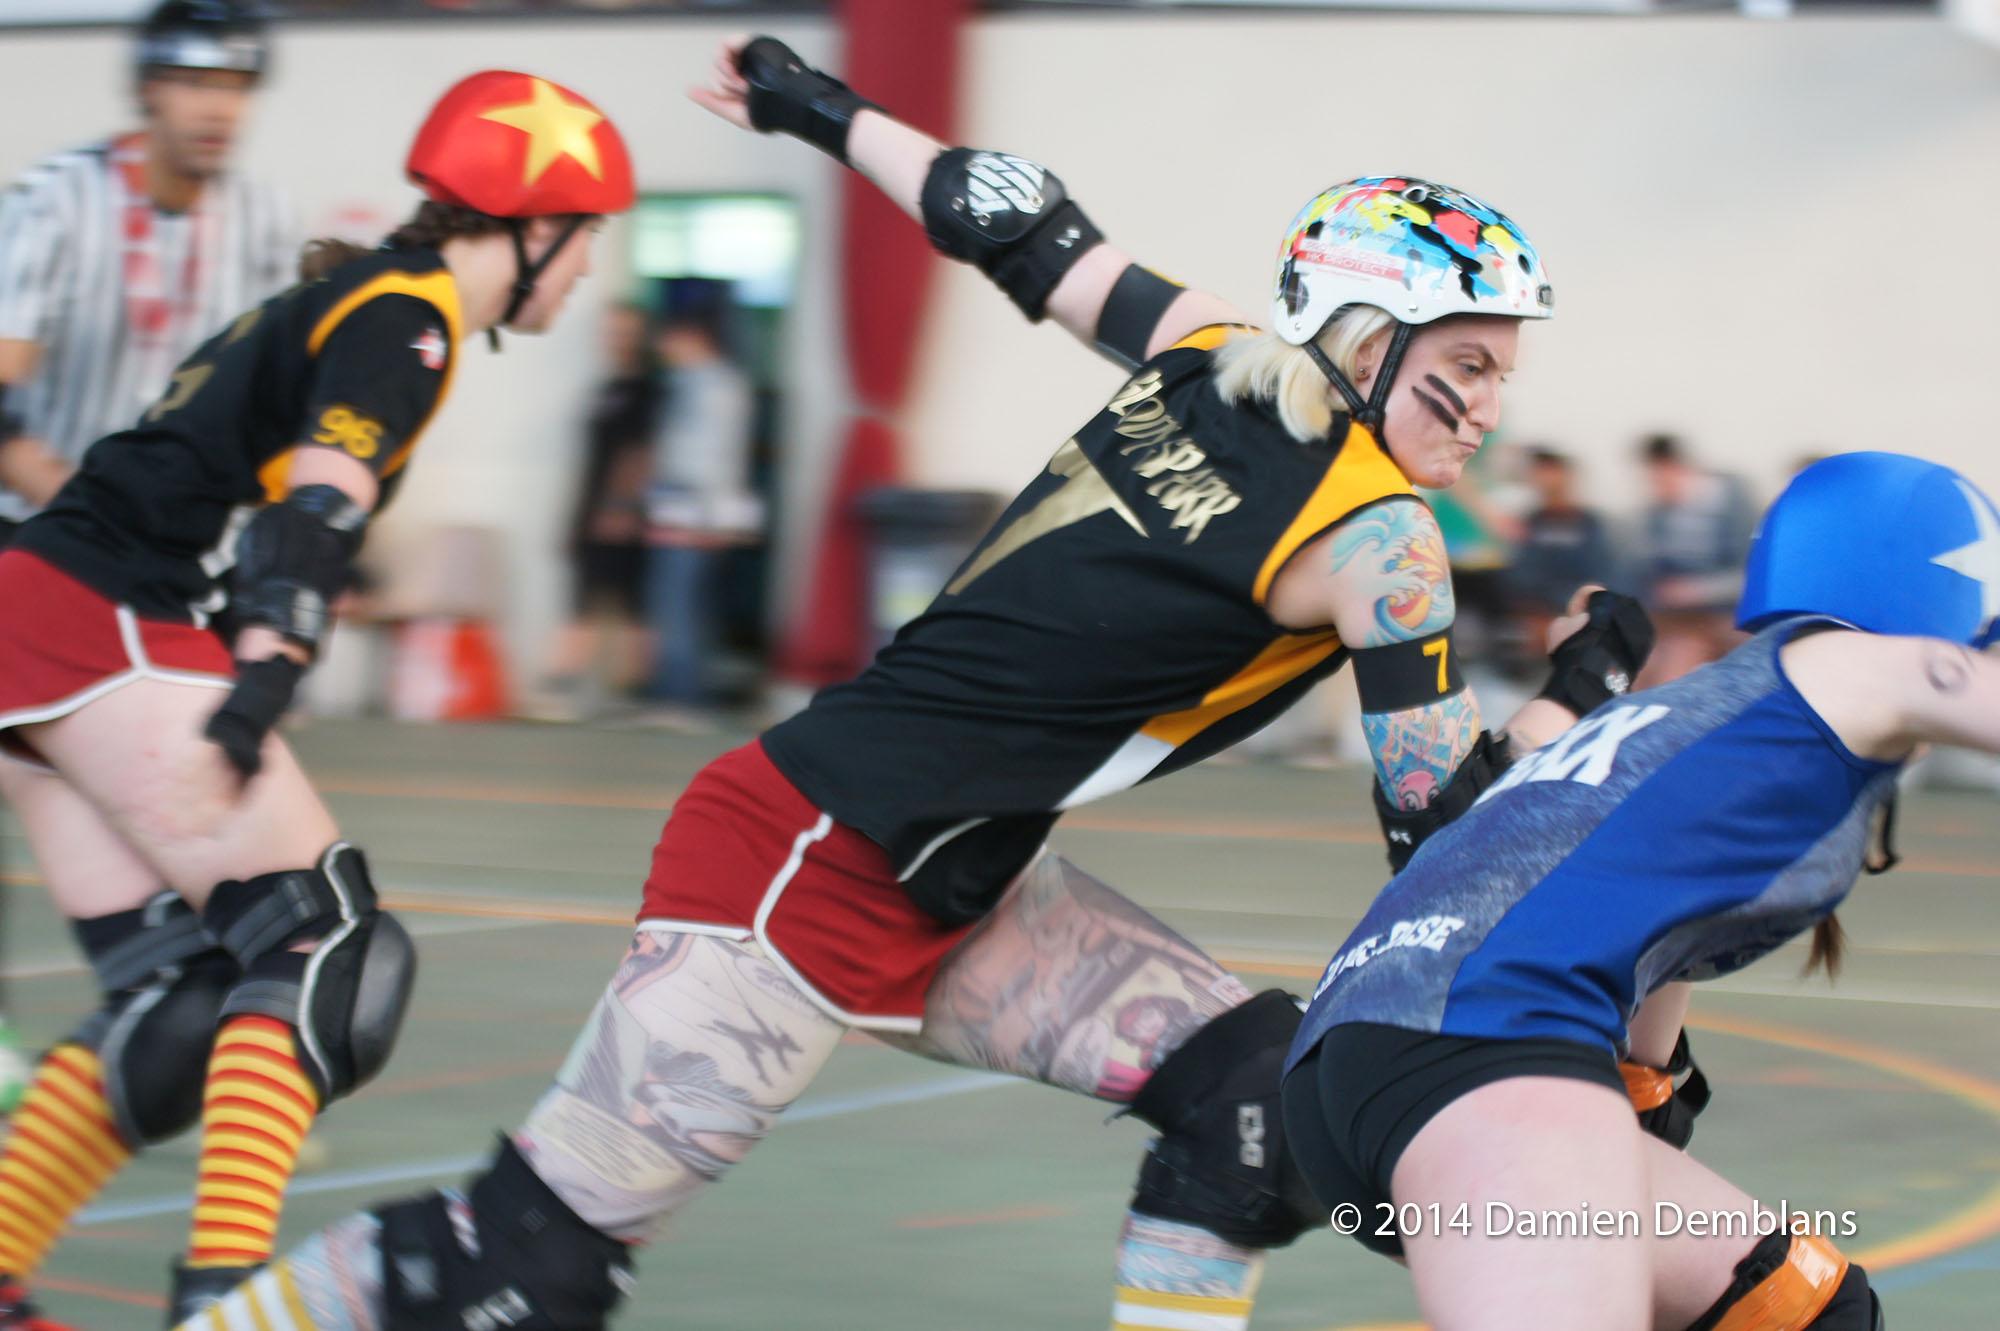 Blocage de Roller Derby